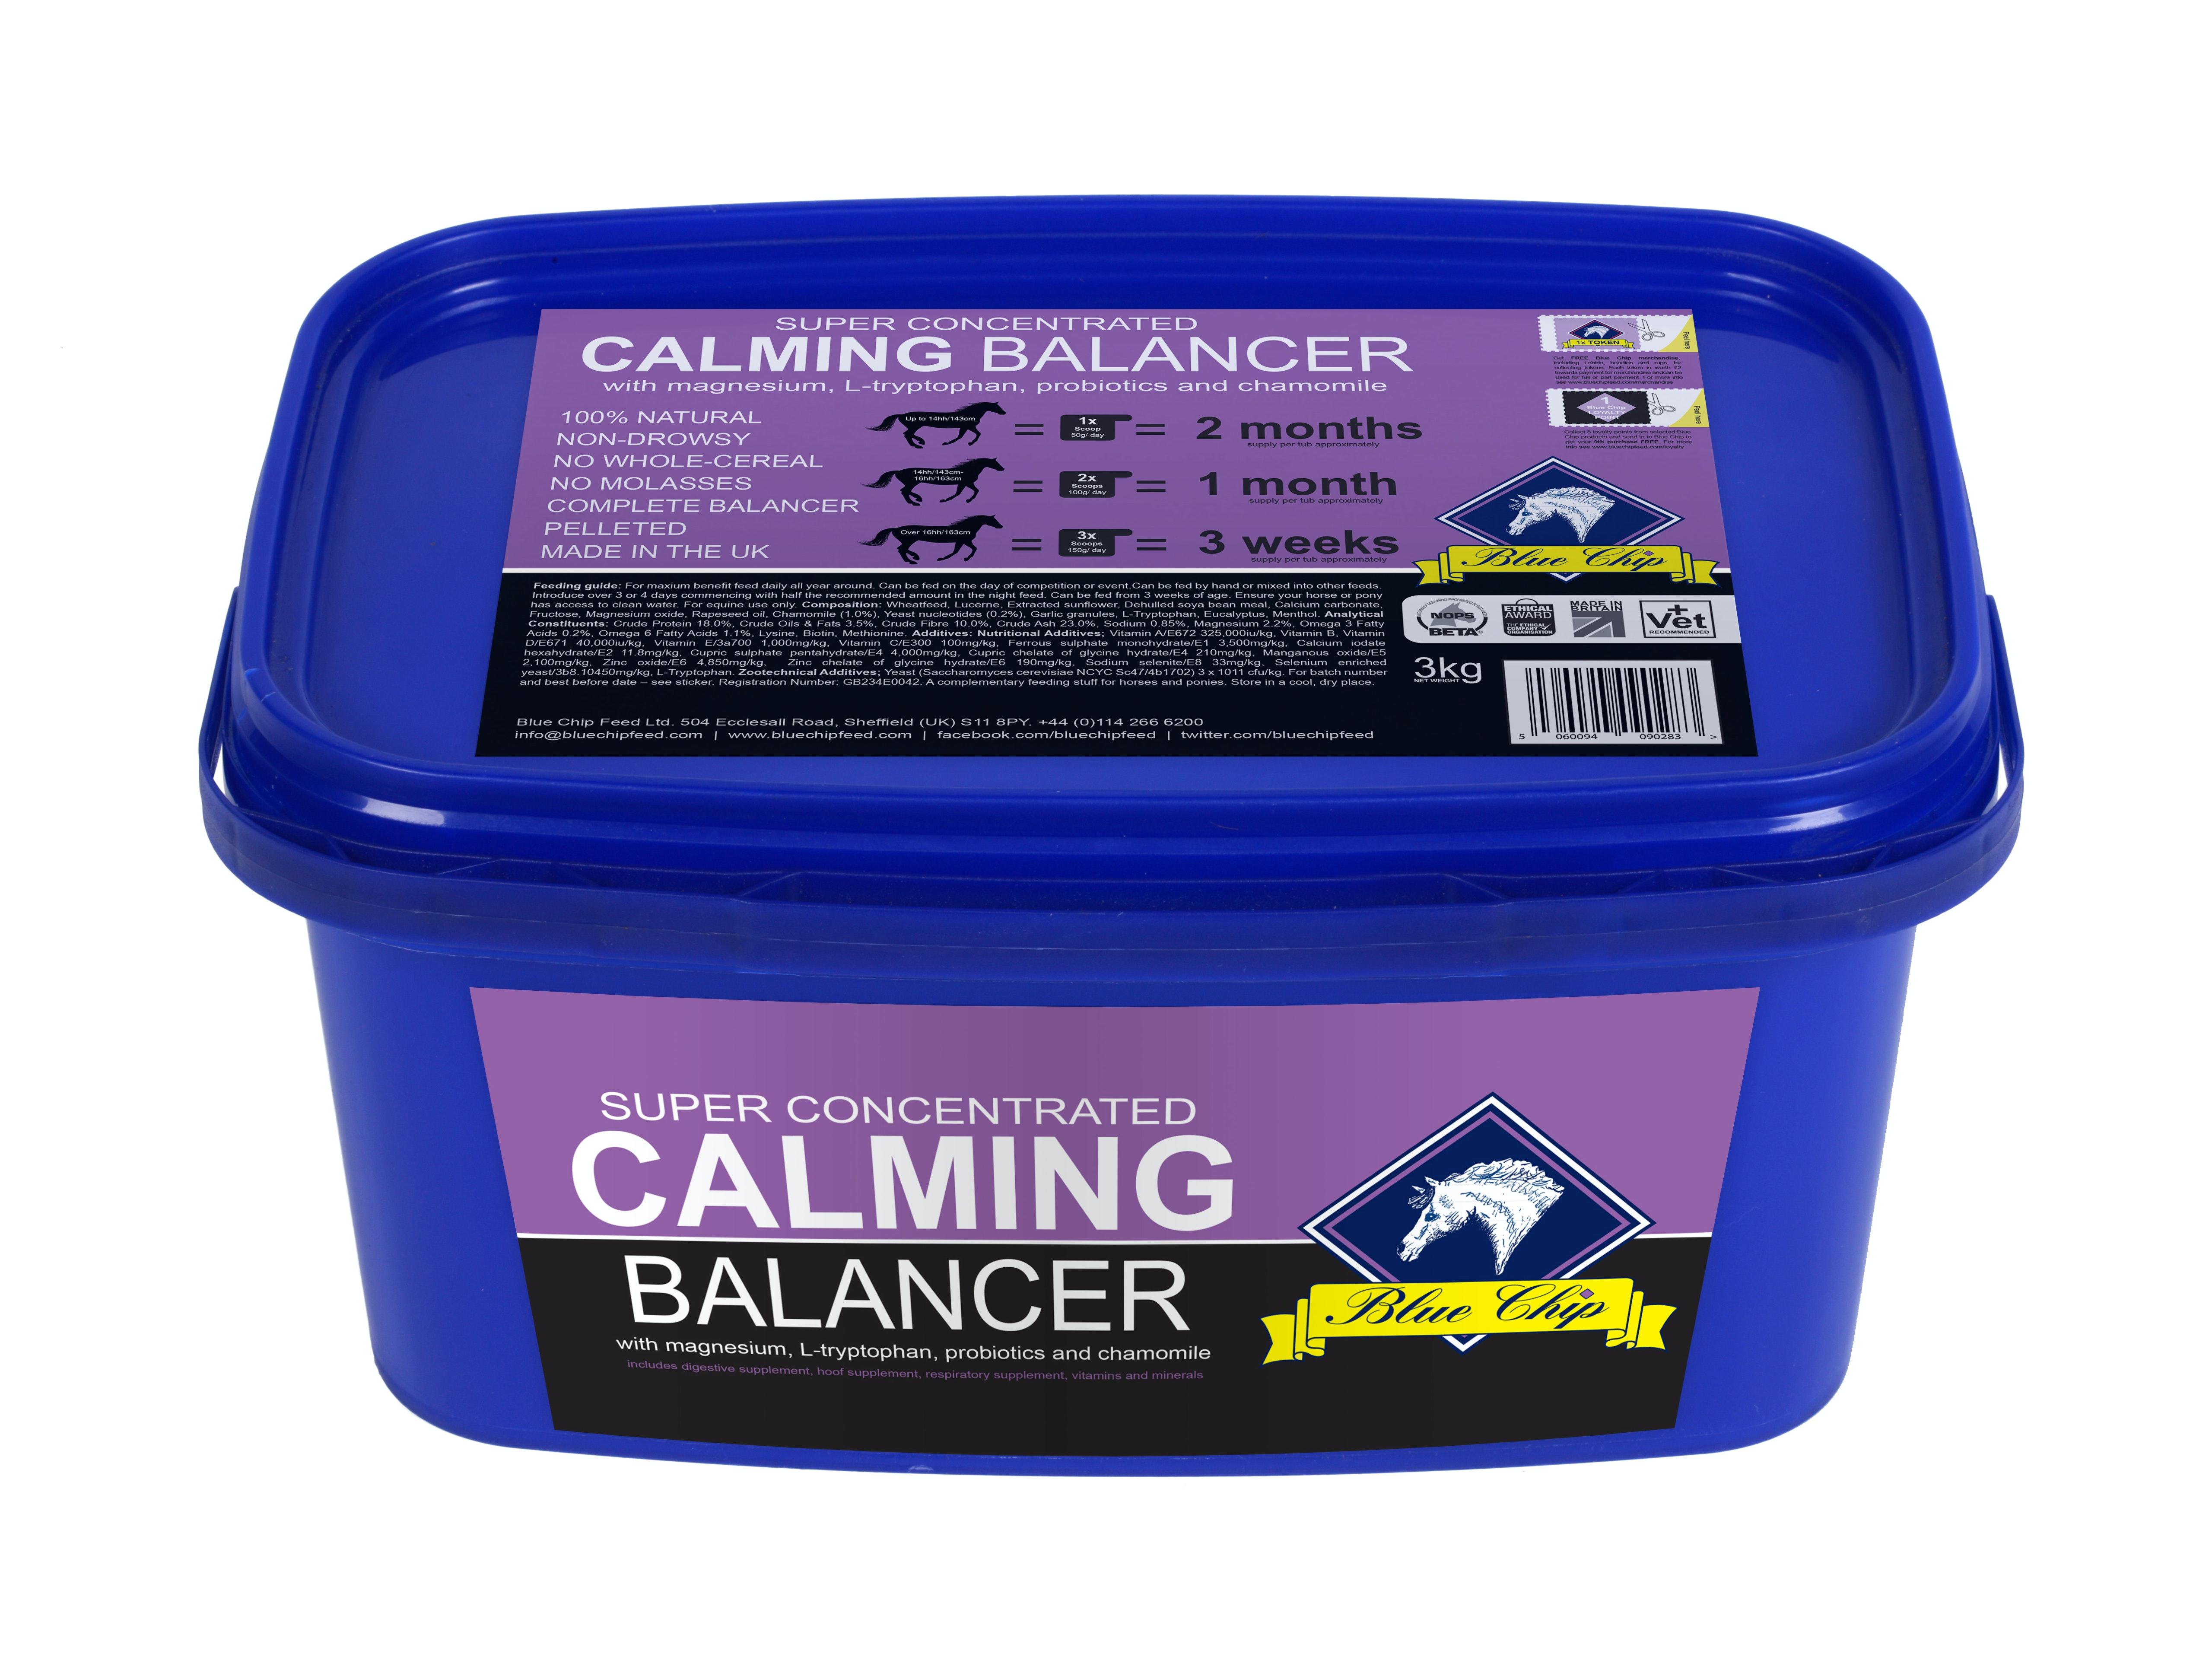 Blue chip calm balancer